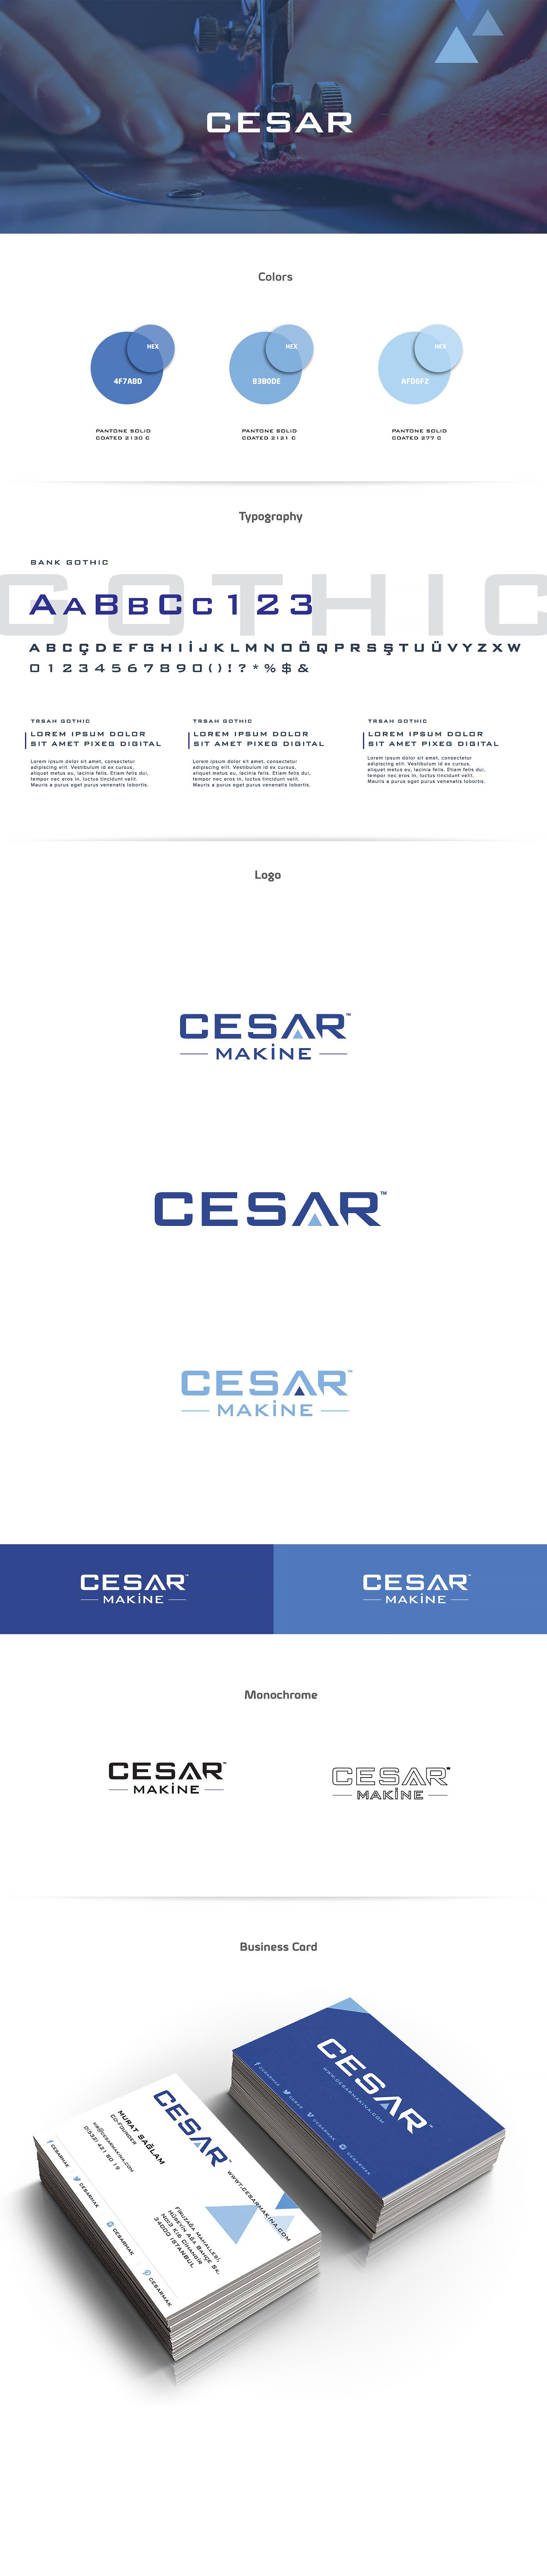 cesar_makina_logo